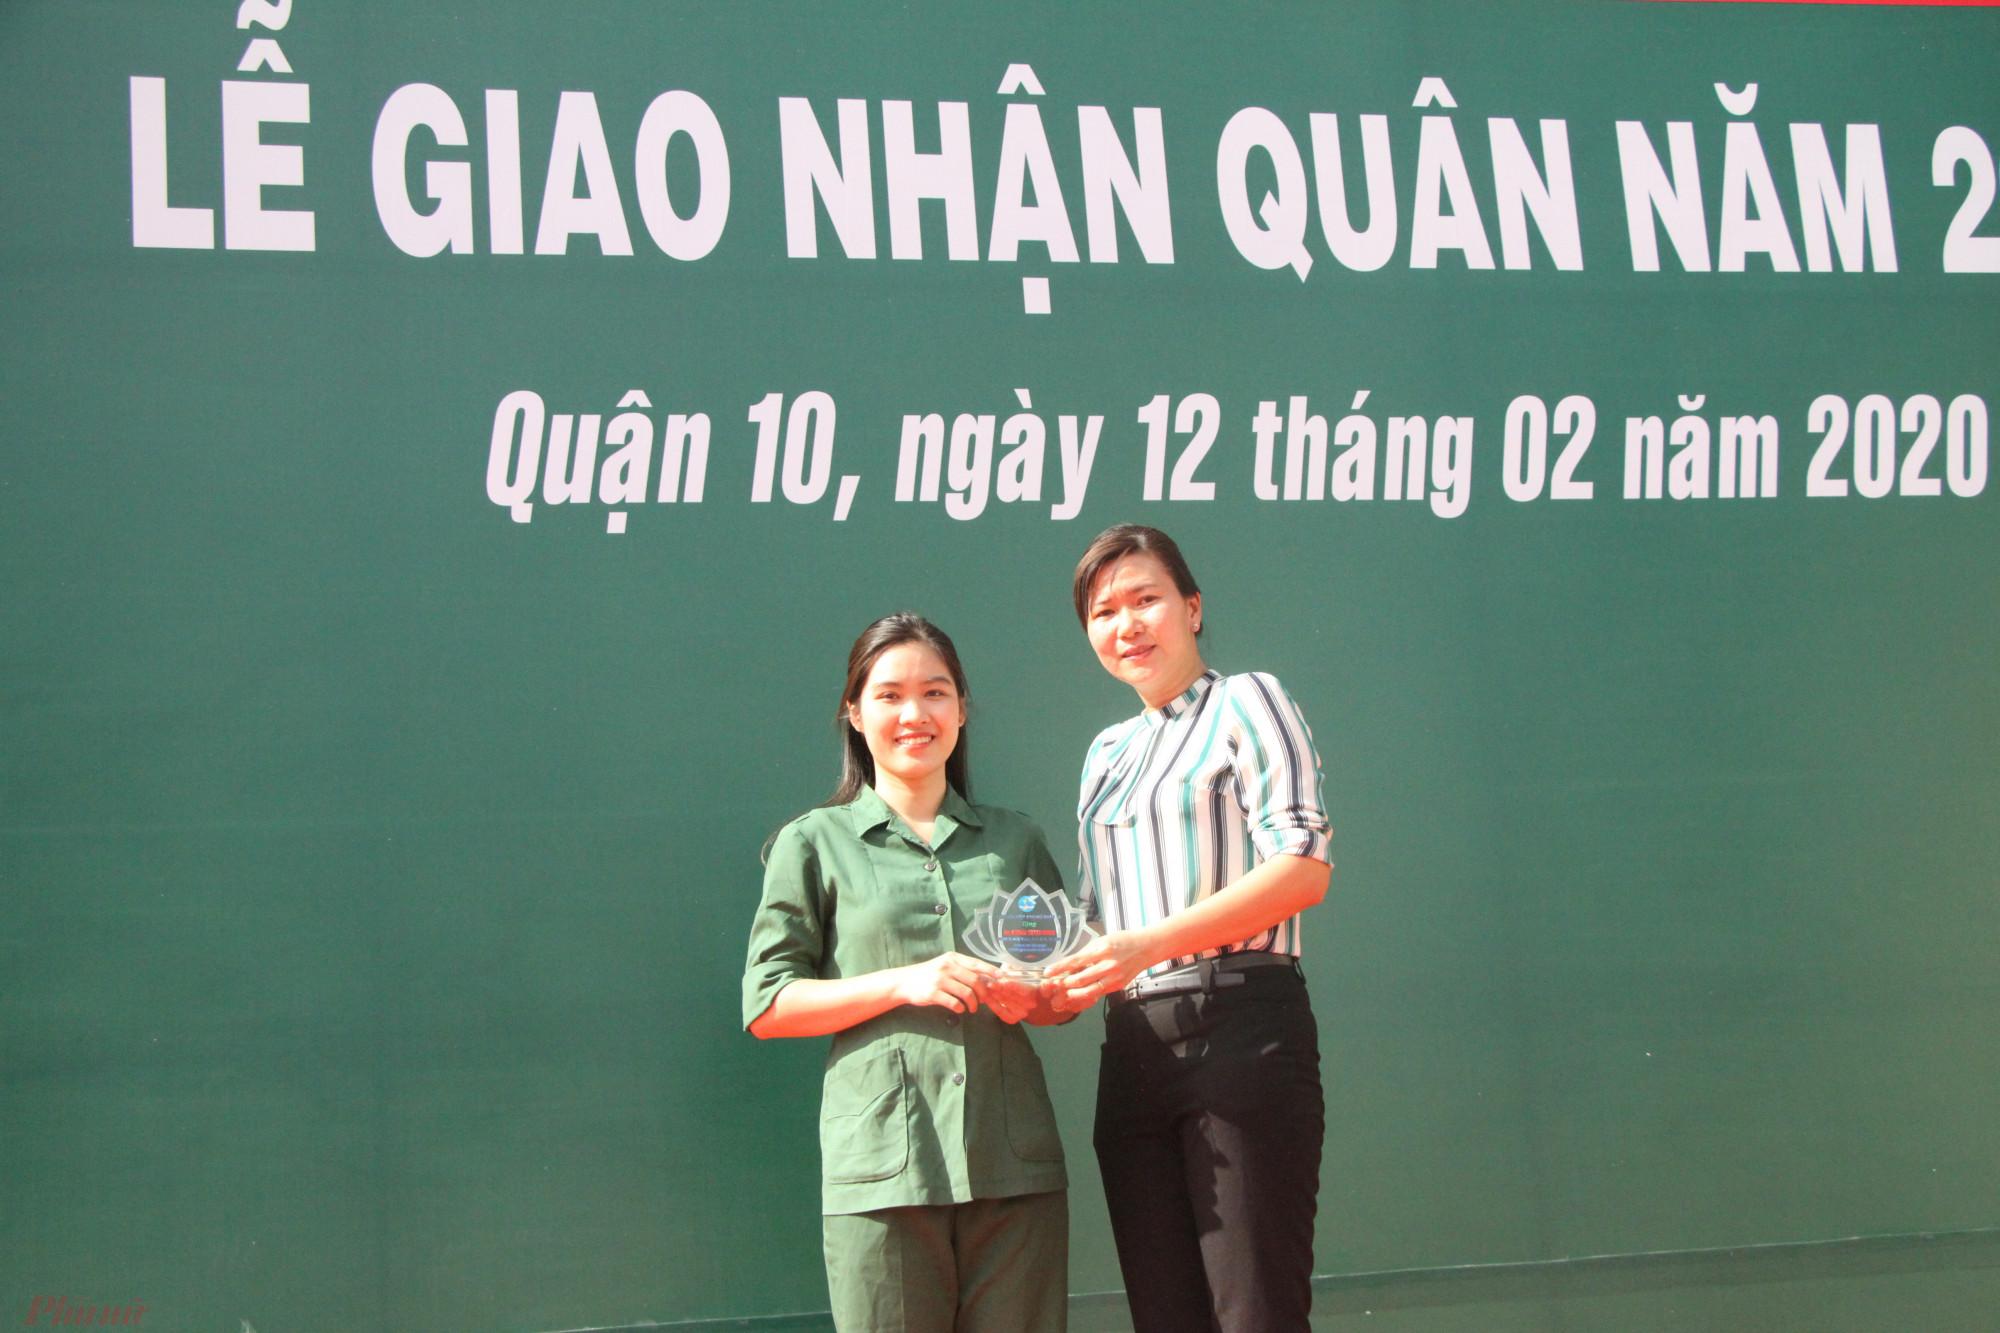 Bà Lê Thị Thu Hồng, Chủ tịch Hội LHPN quận 10, tặng quà chúc mừng nữ tân binh Nguyễn Thị Lan Hương.